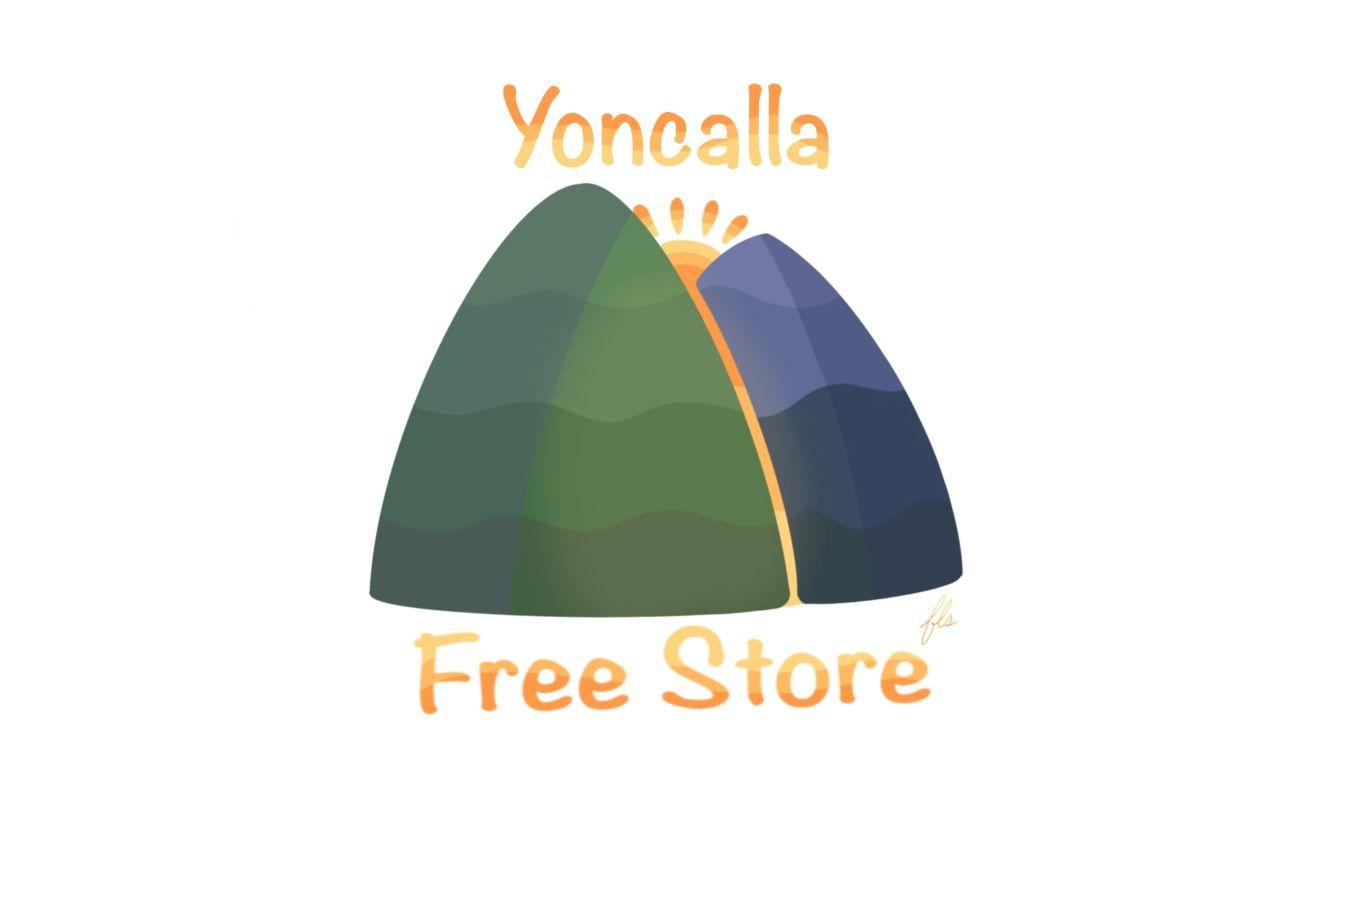 Yoncalla Free Store Logo